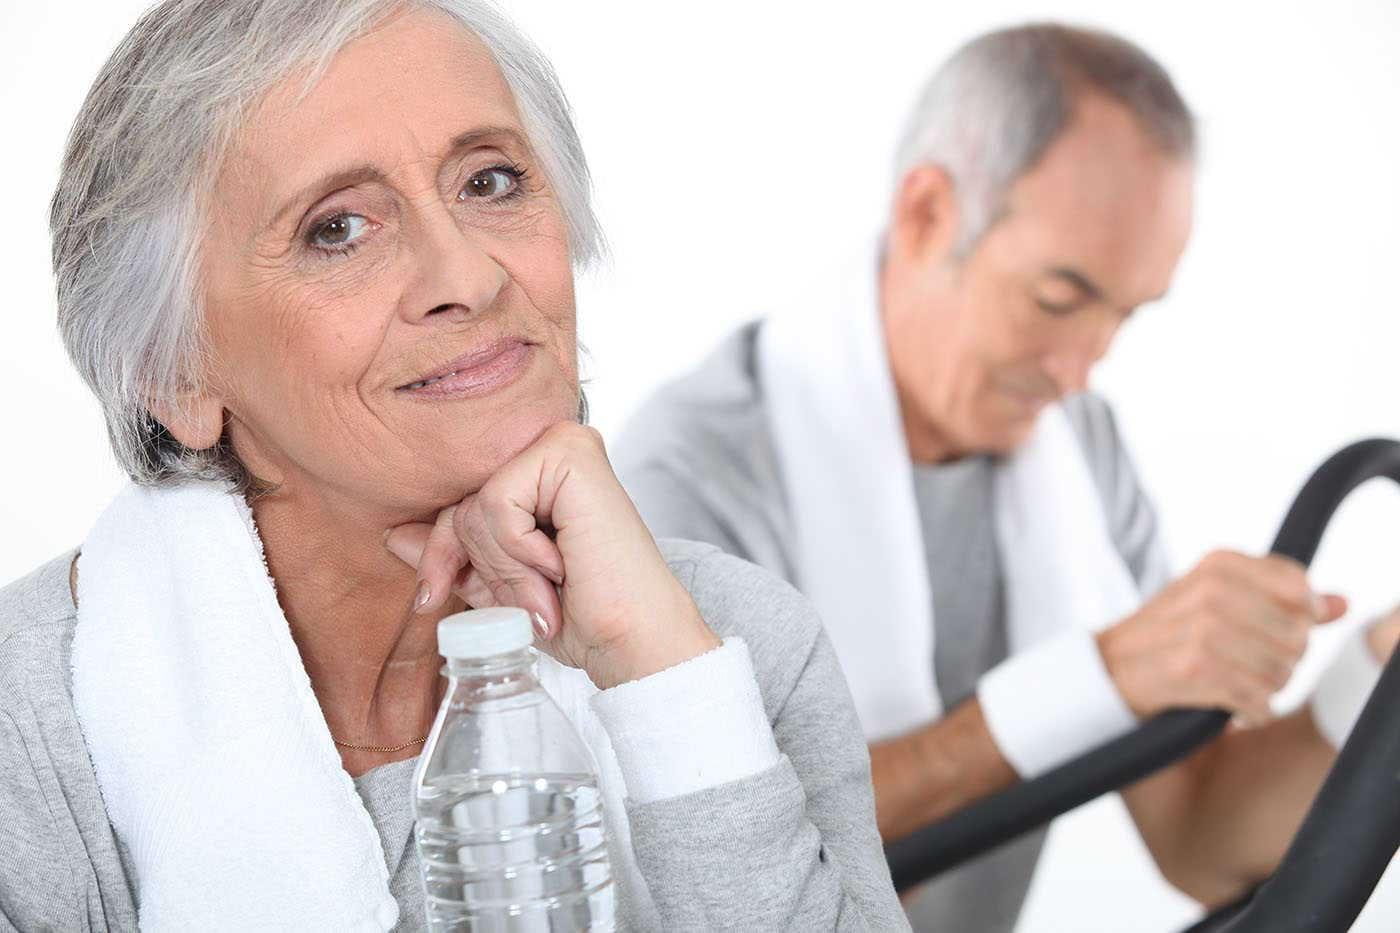 Sfaturi pentru tonifierea musculaturii pe măsură ce îmbătrânești